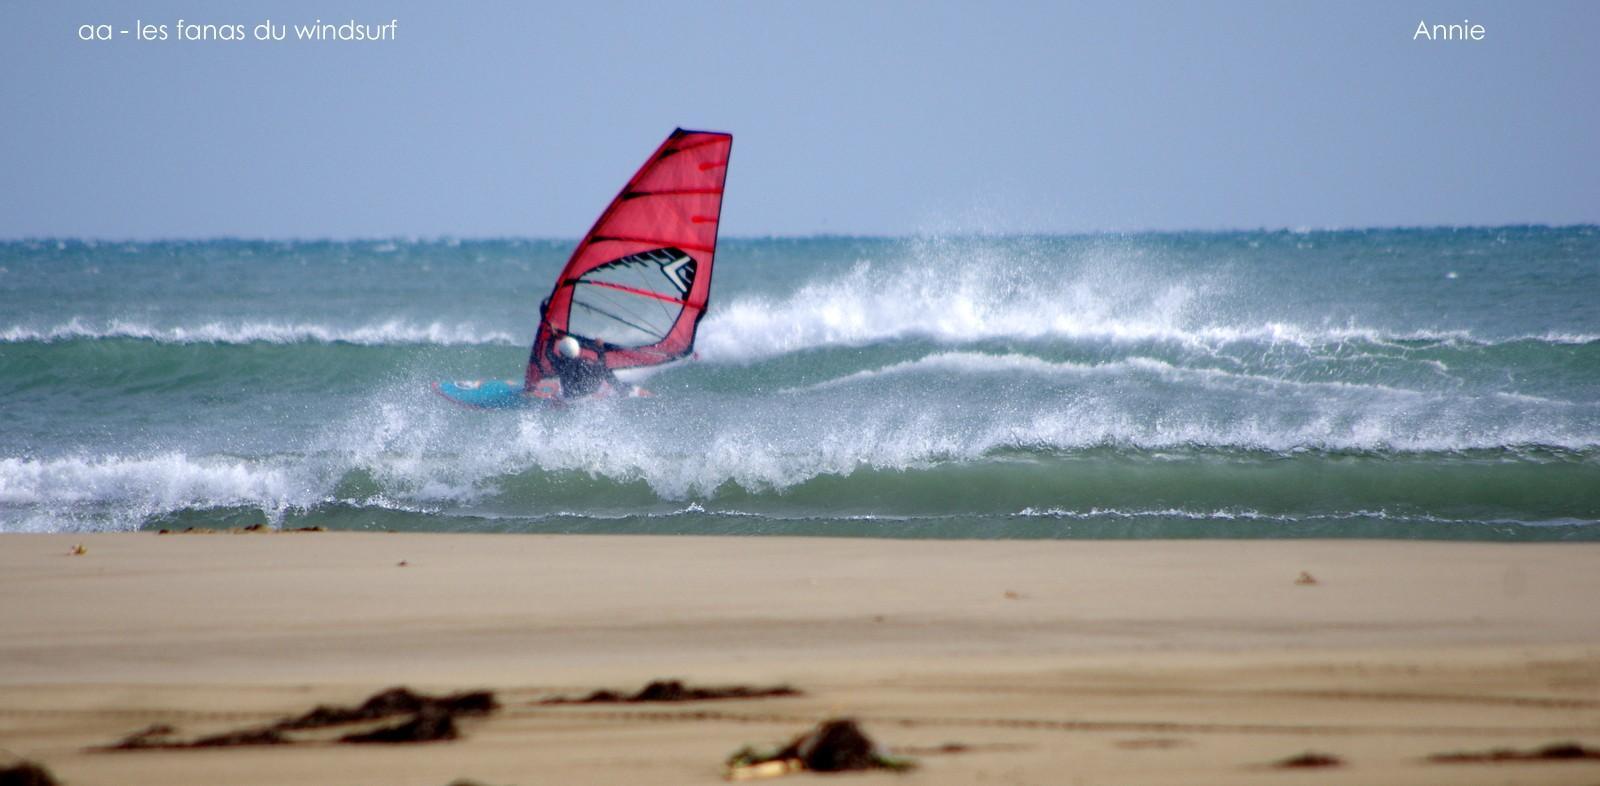 Surf report port la nouvelle 11 du 2014 11 05 09 00 00 - Meteo port la nouvelle ...